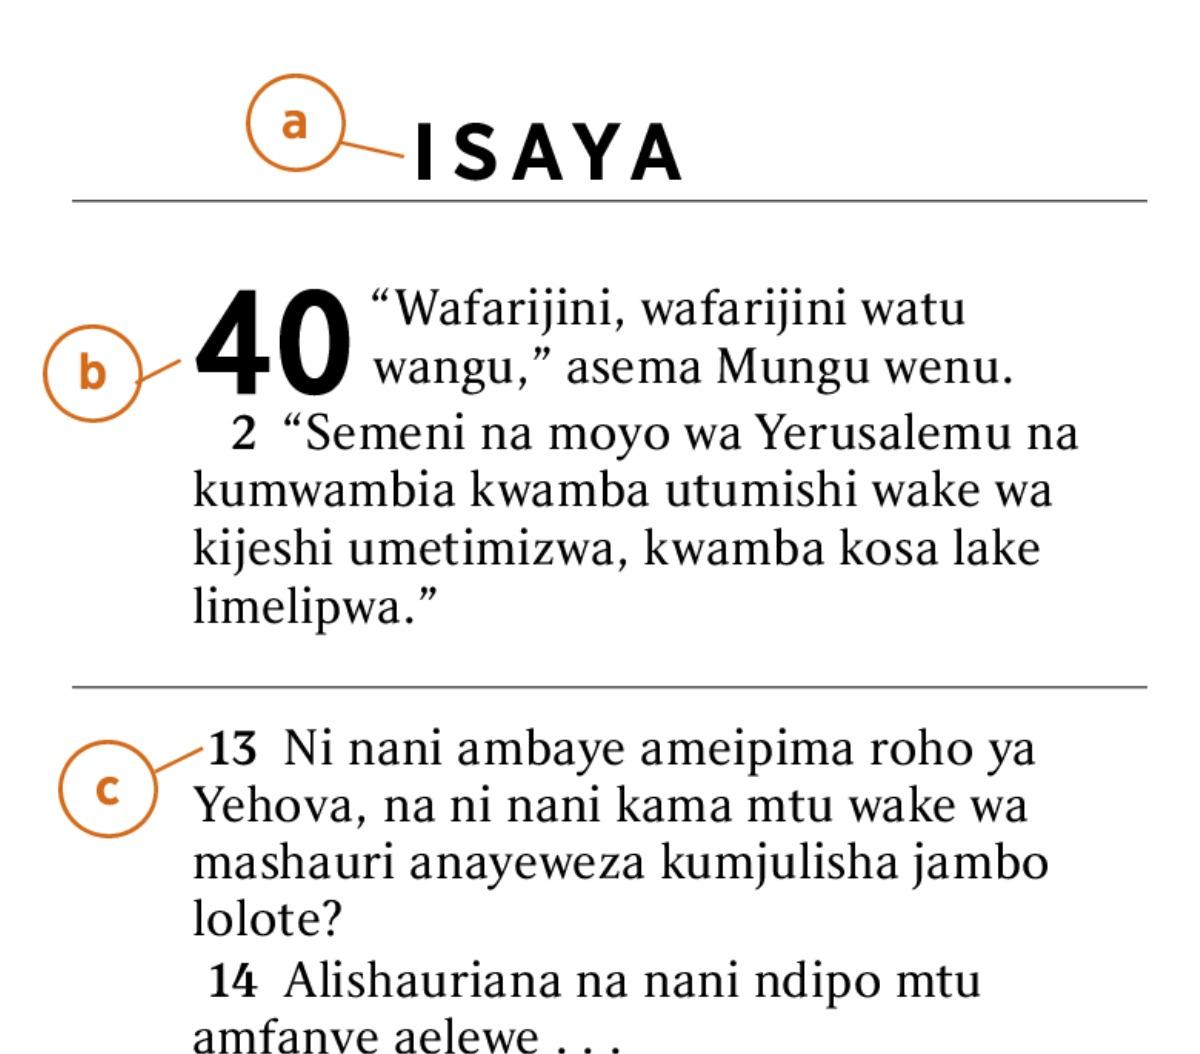 Sura Na Mistari Ni Nani Aliiweka Katika Biblia